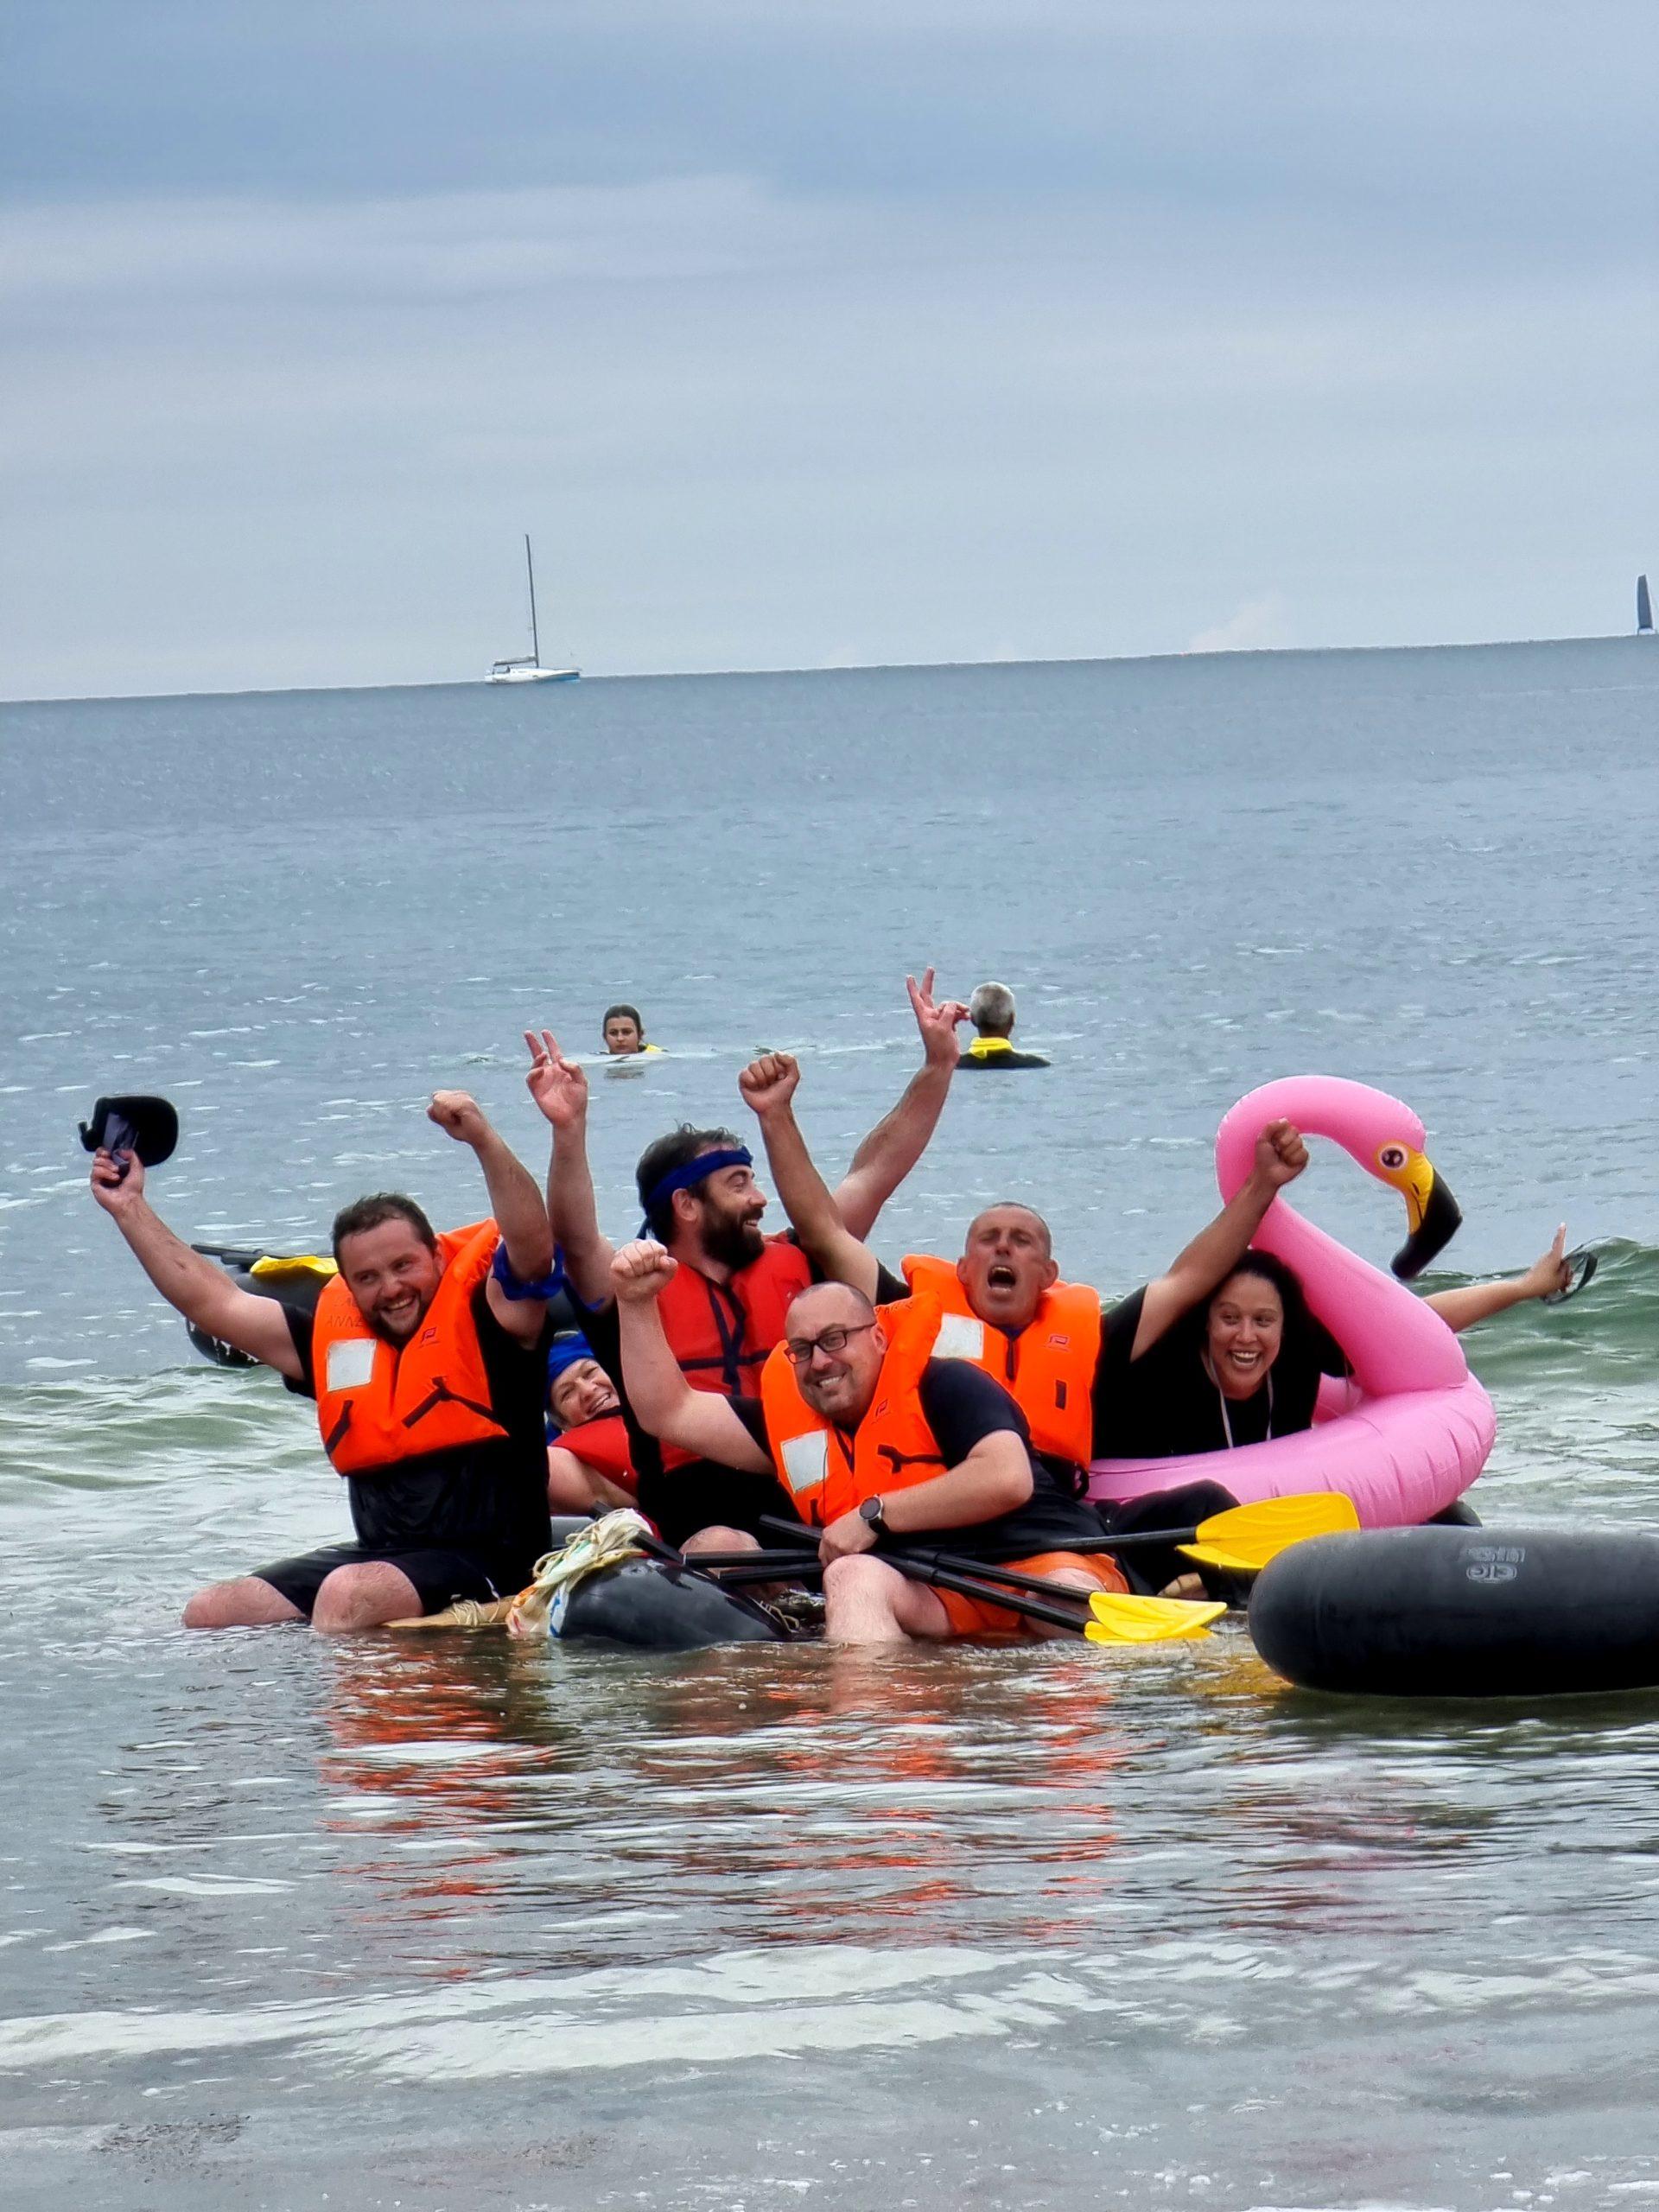 Une équipe heureuse de remporté la course de radeau de l'animation Robinson de l'agence événementielle Kap West Events.